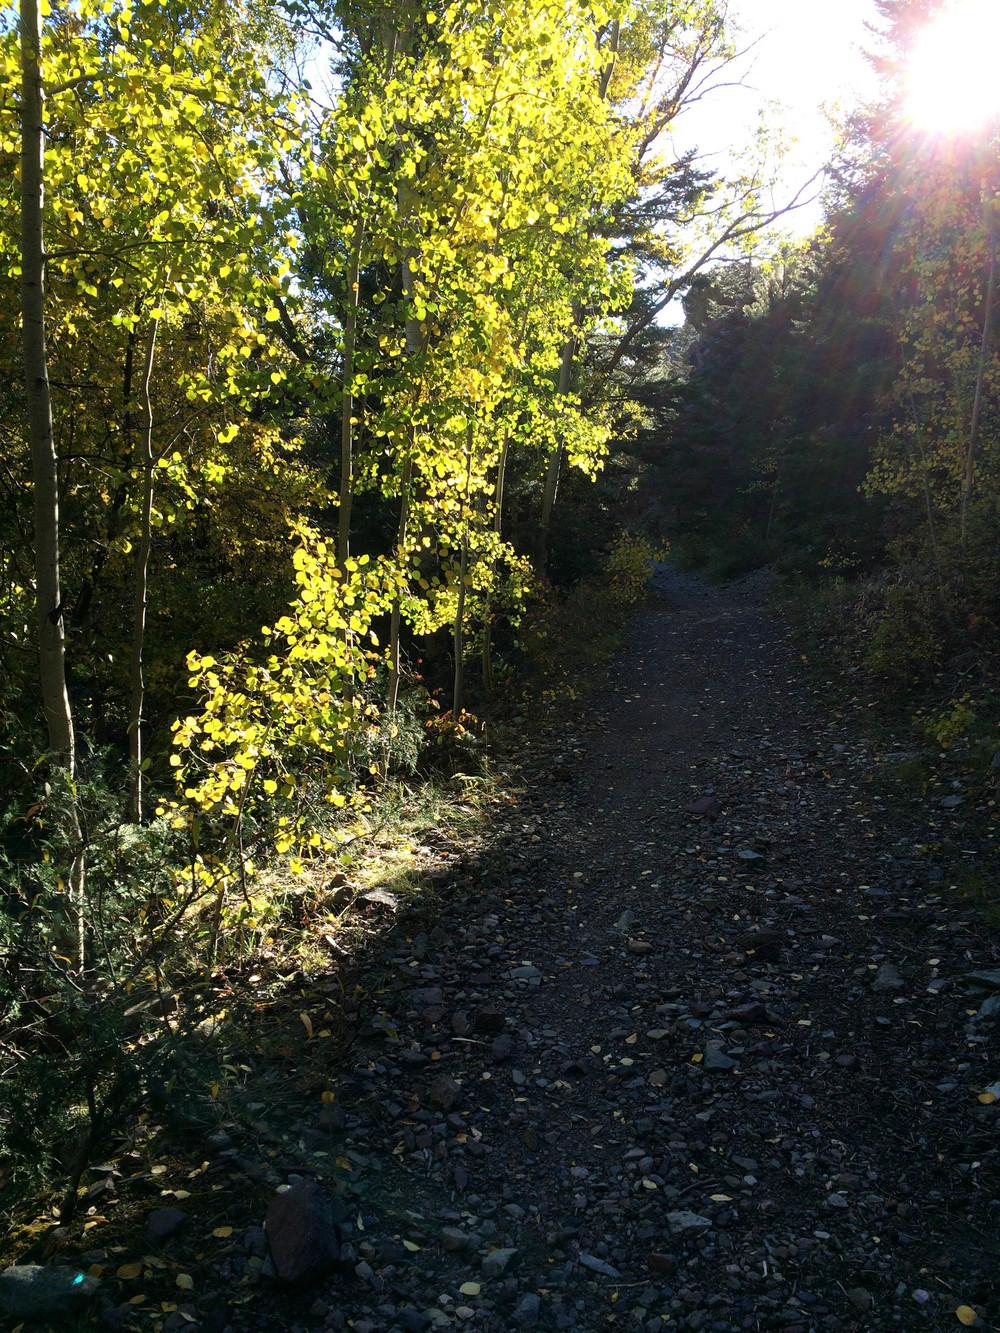 10-2-14 n.crestone trail 1-17-4.jpg